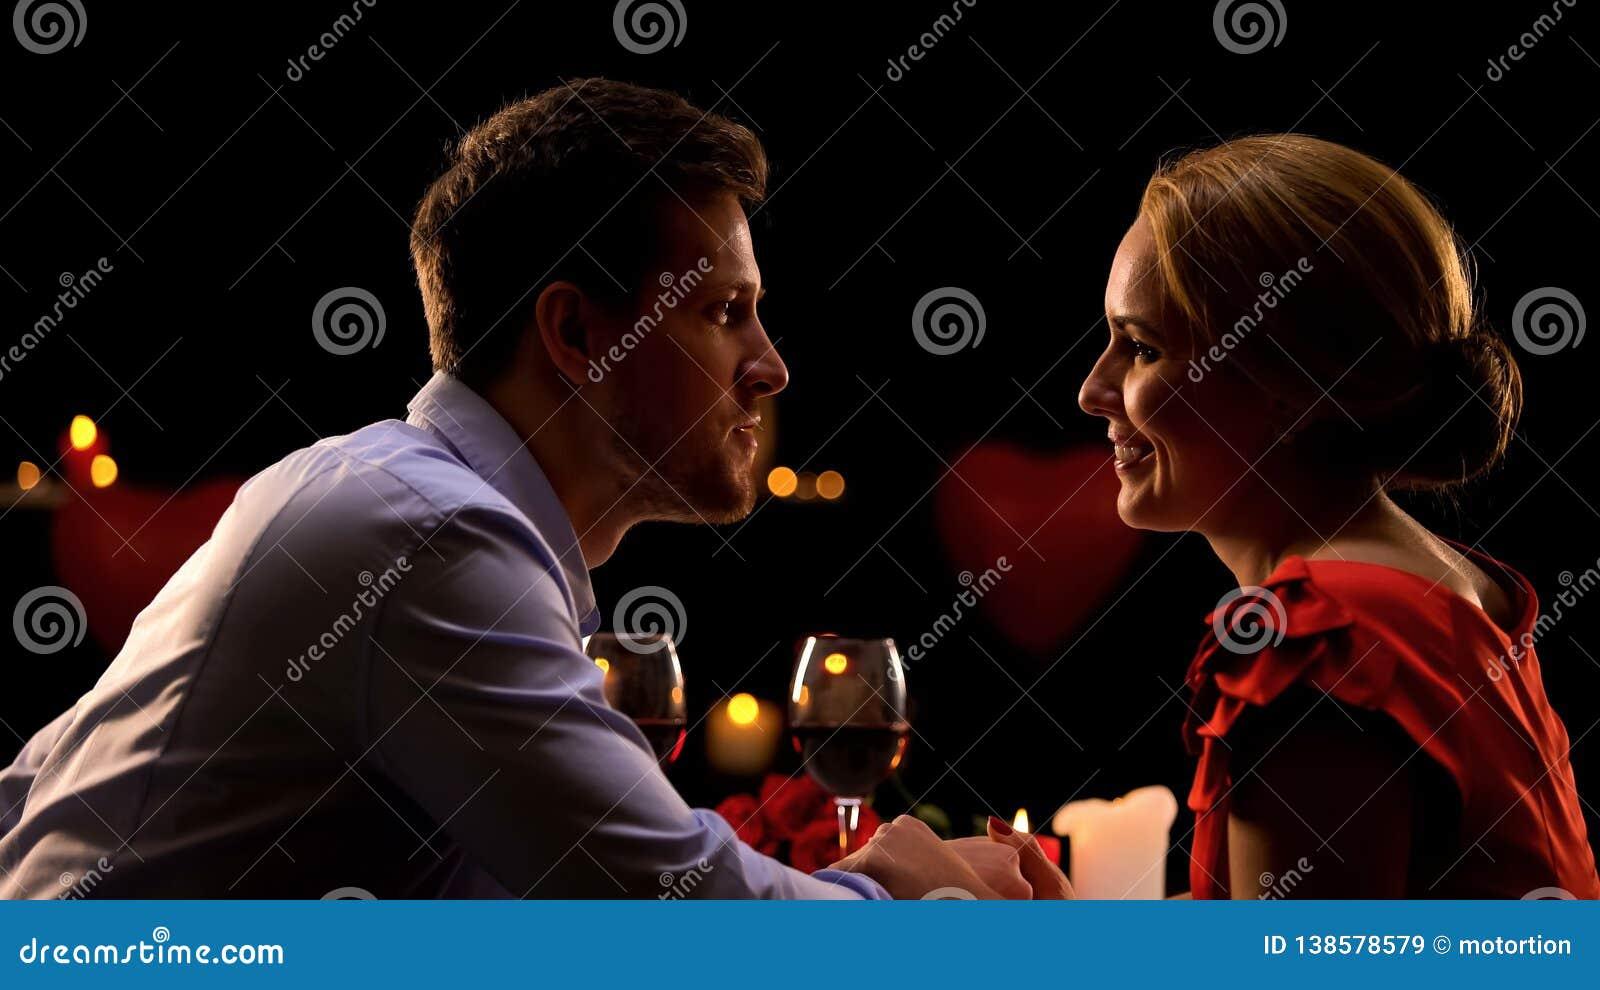 Χέρια εκμετάλλευσης ζεύγους και θαυμασμός του ενός τον άλλον κατά τη ρομαντική ημερομηνία στο εστιατόριο